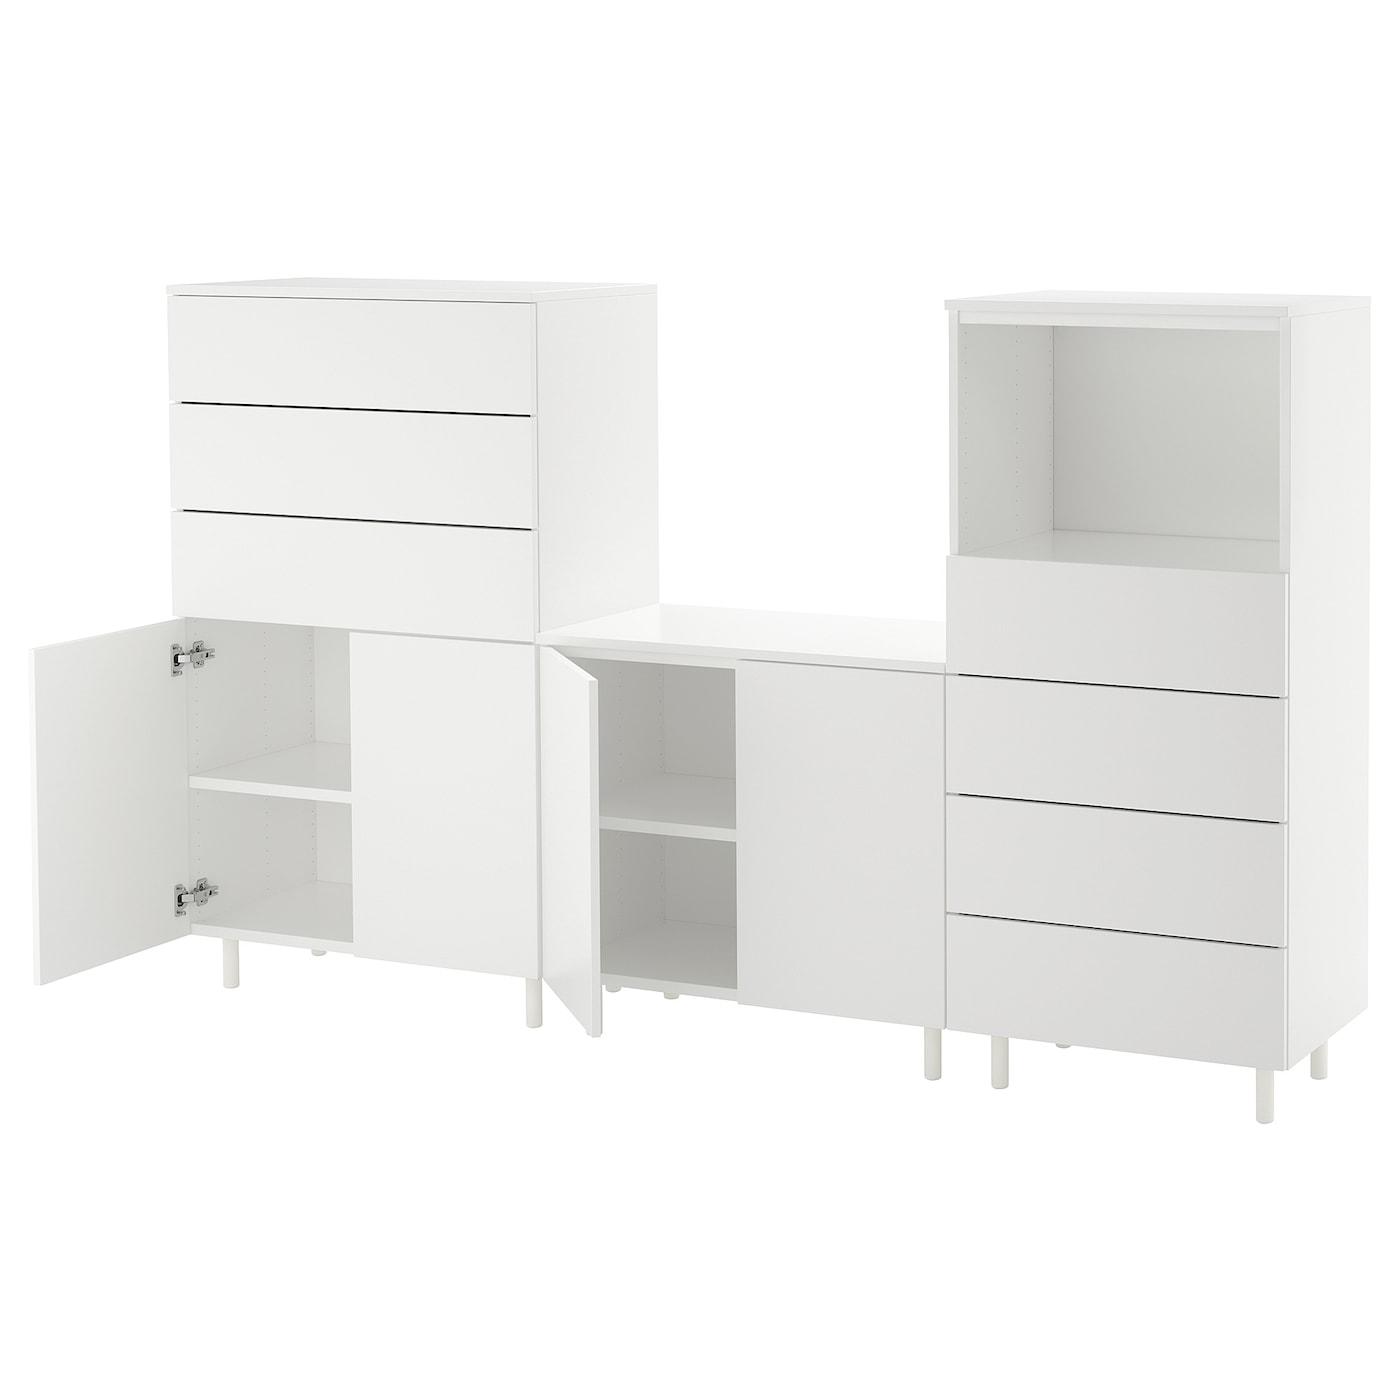 Armarios Platsa A Medida Compra Online Ikea